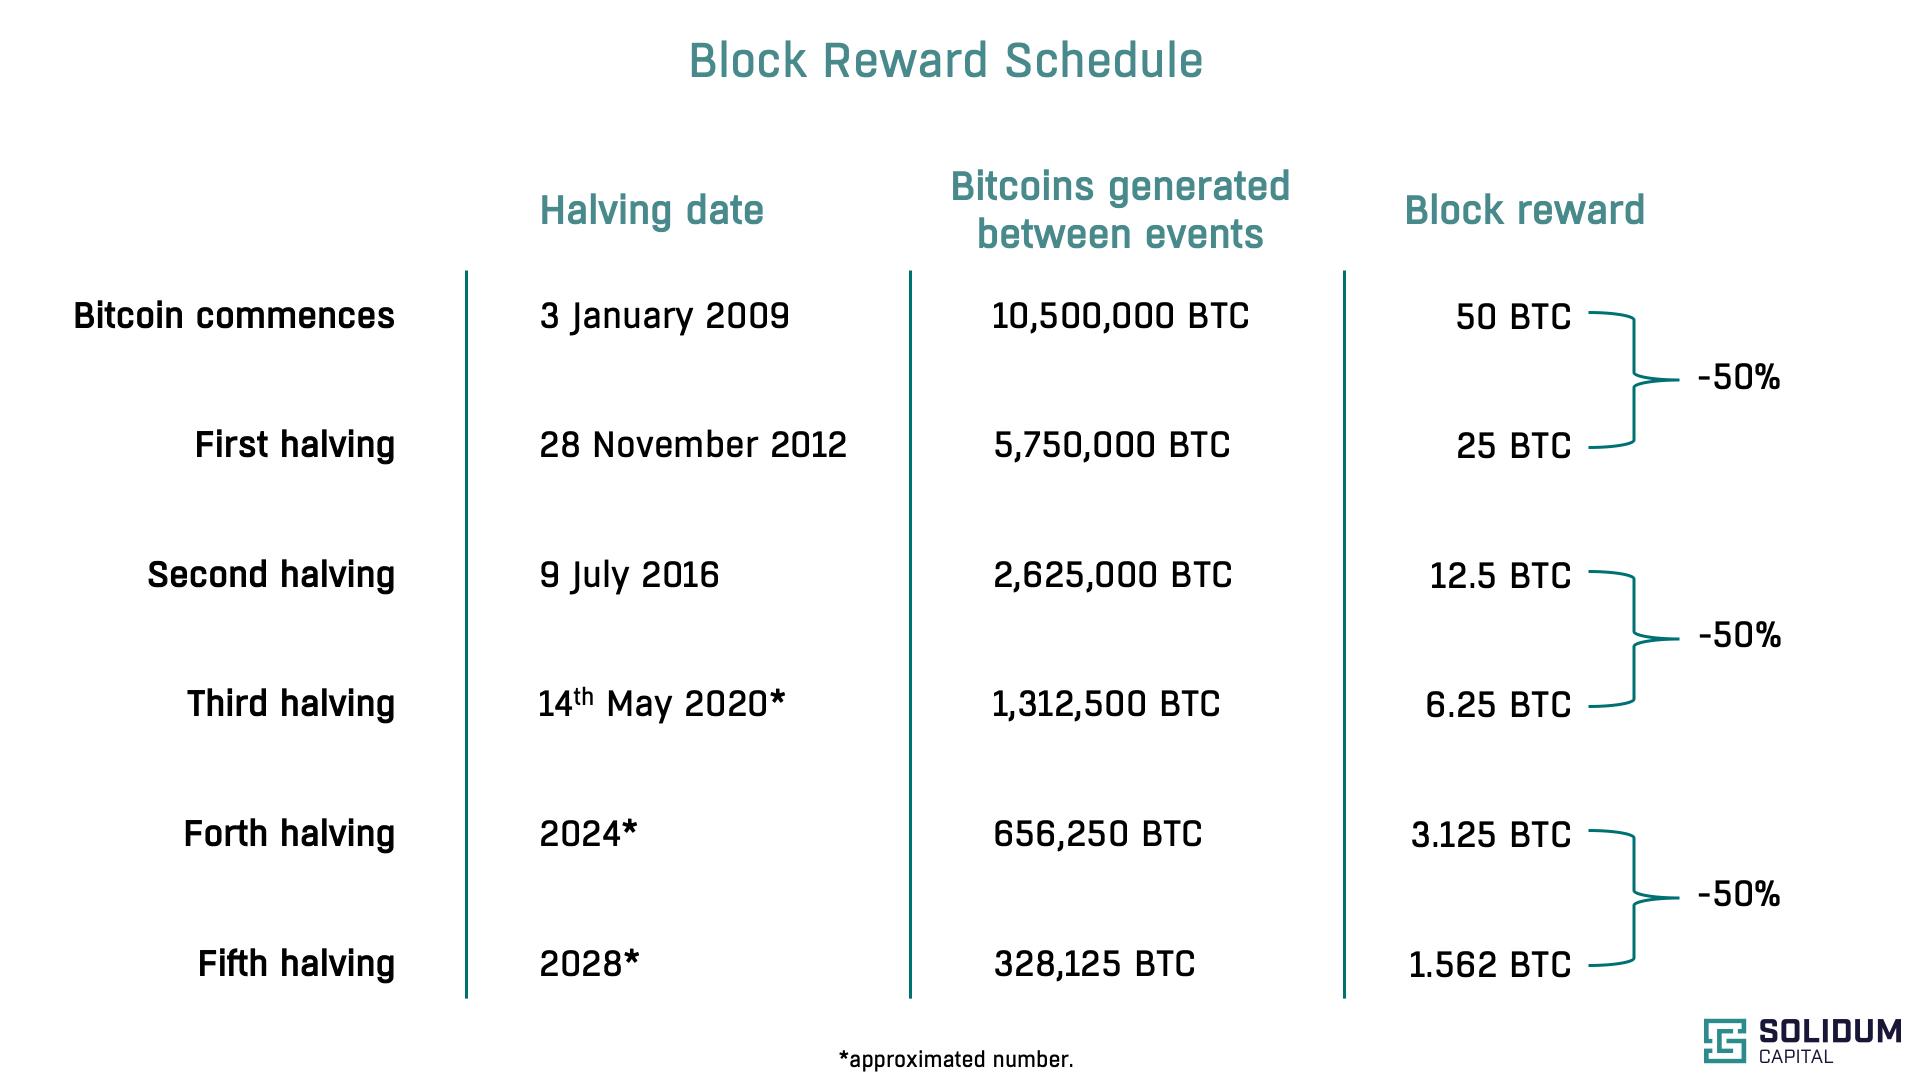 Block Reward Schedule